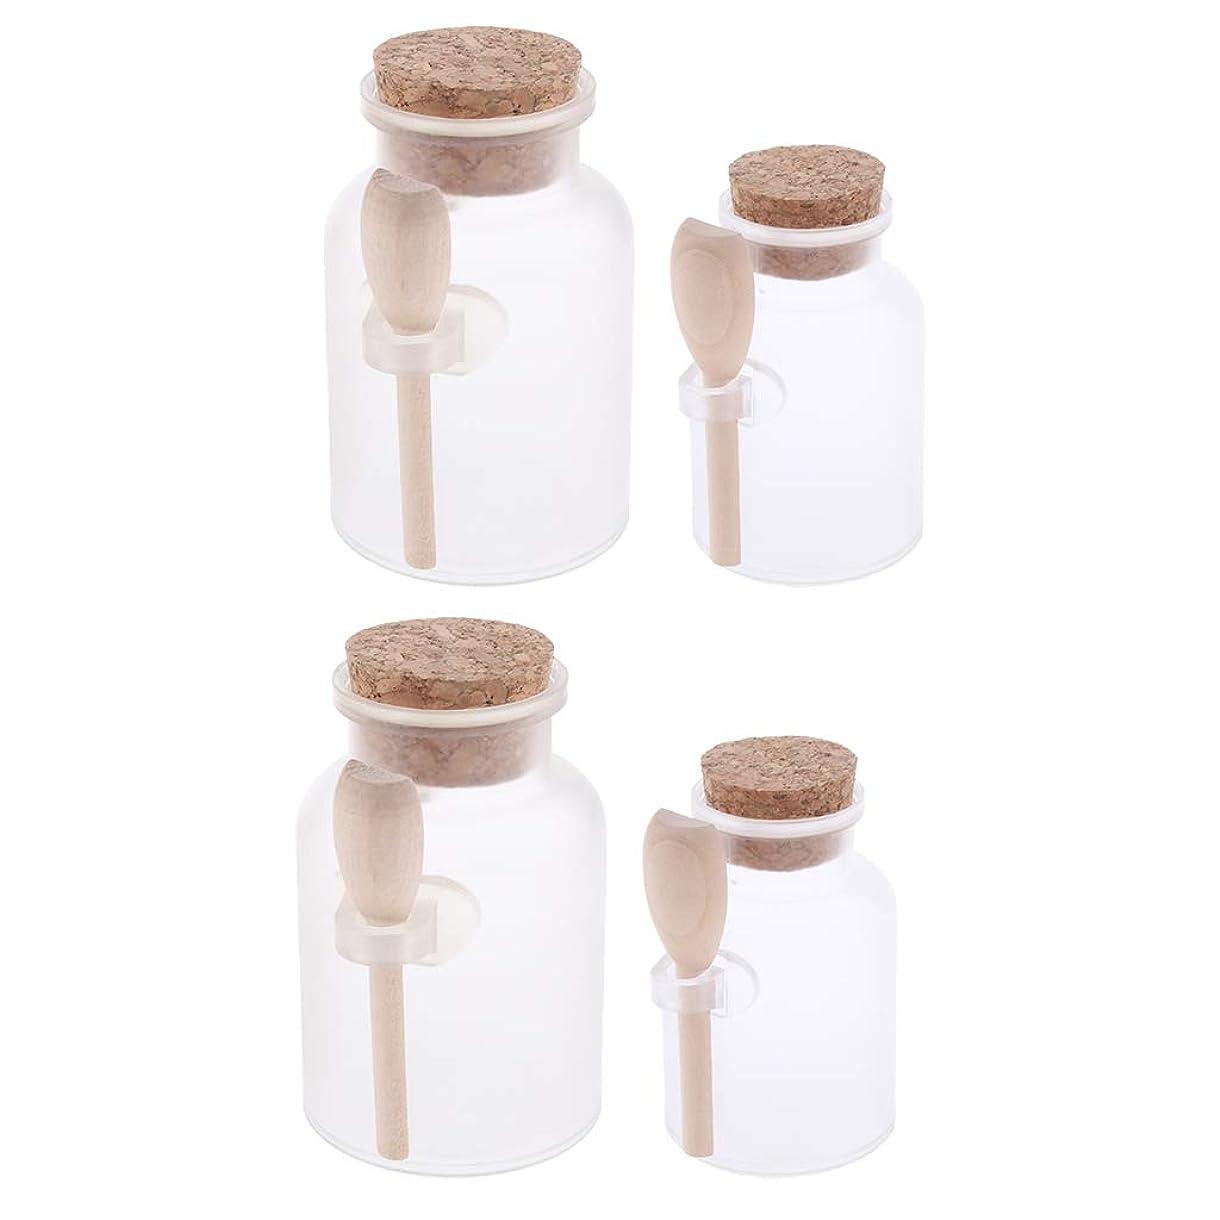 ホーン万一に備えて古いBaoblaze 4個 円形 クリーム瓶 アロマボトル バスソルト 化粧品 コスメ容器 詰替え 広い開口 透明 スプーン付